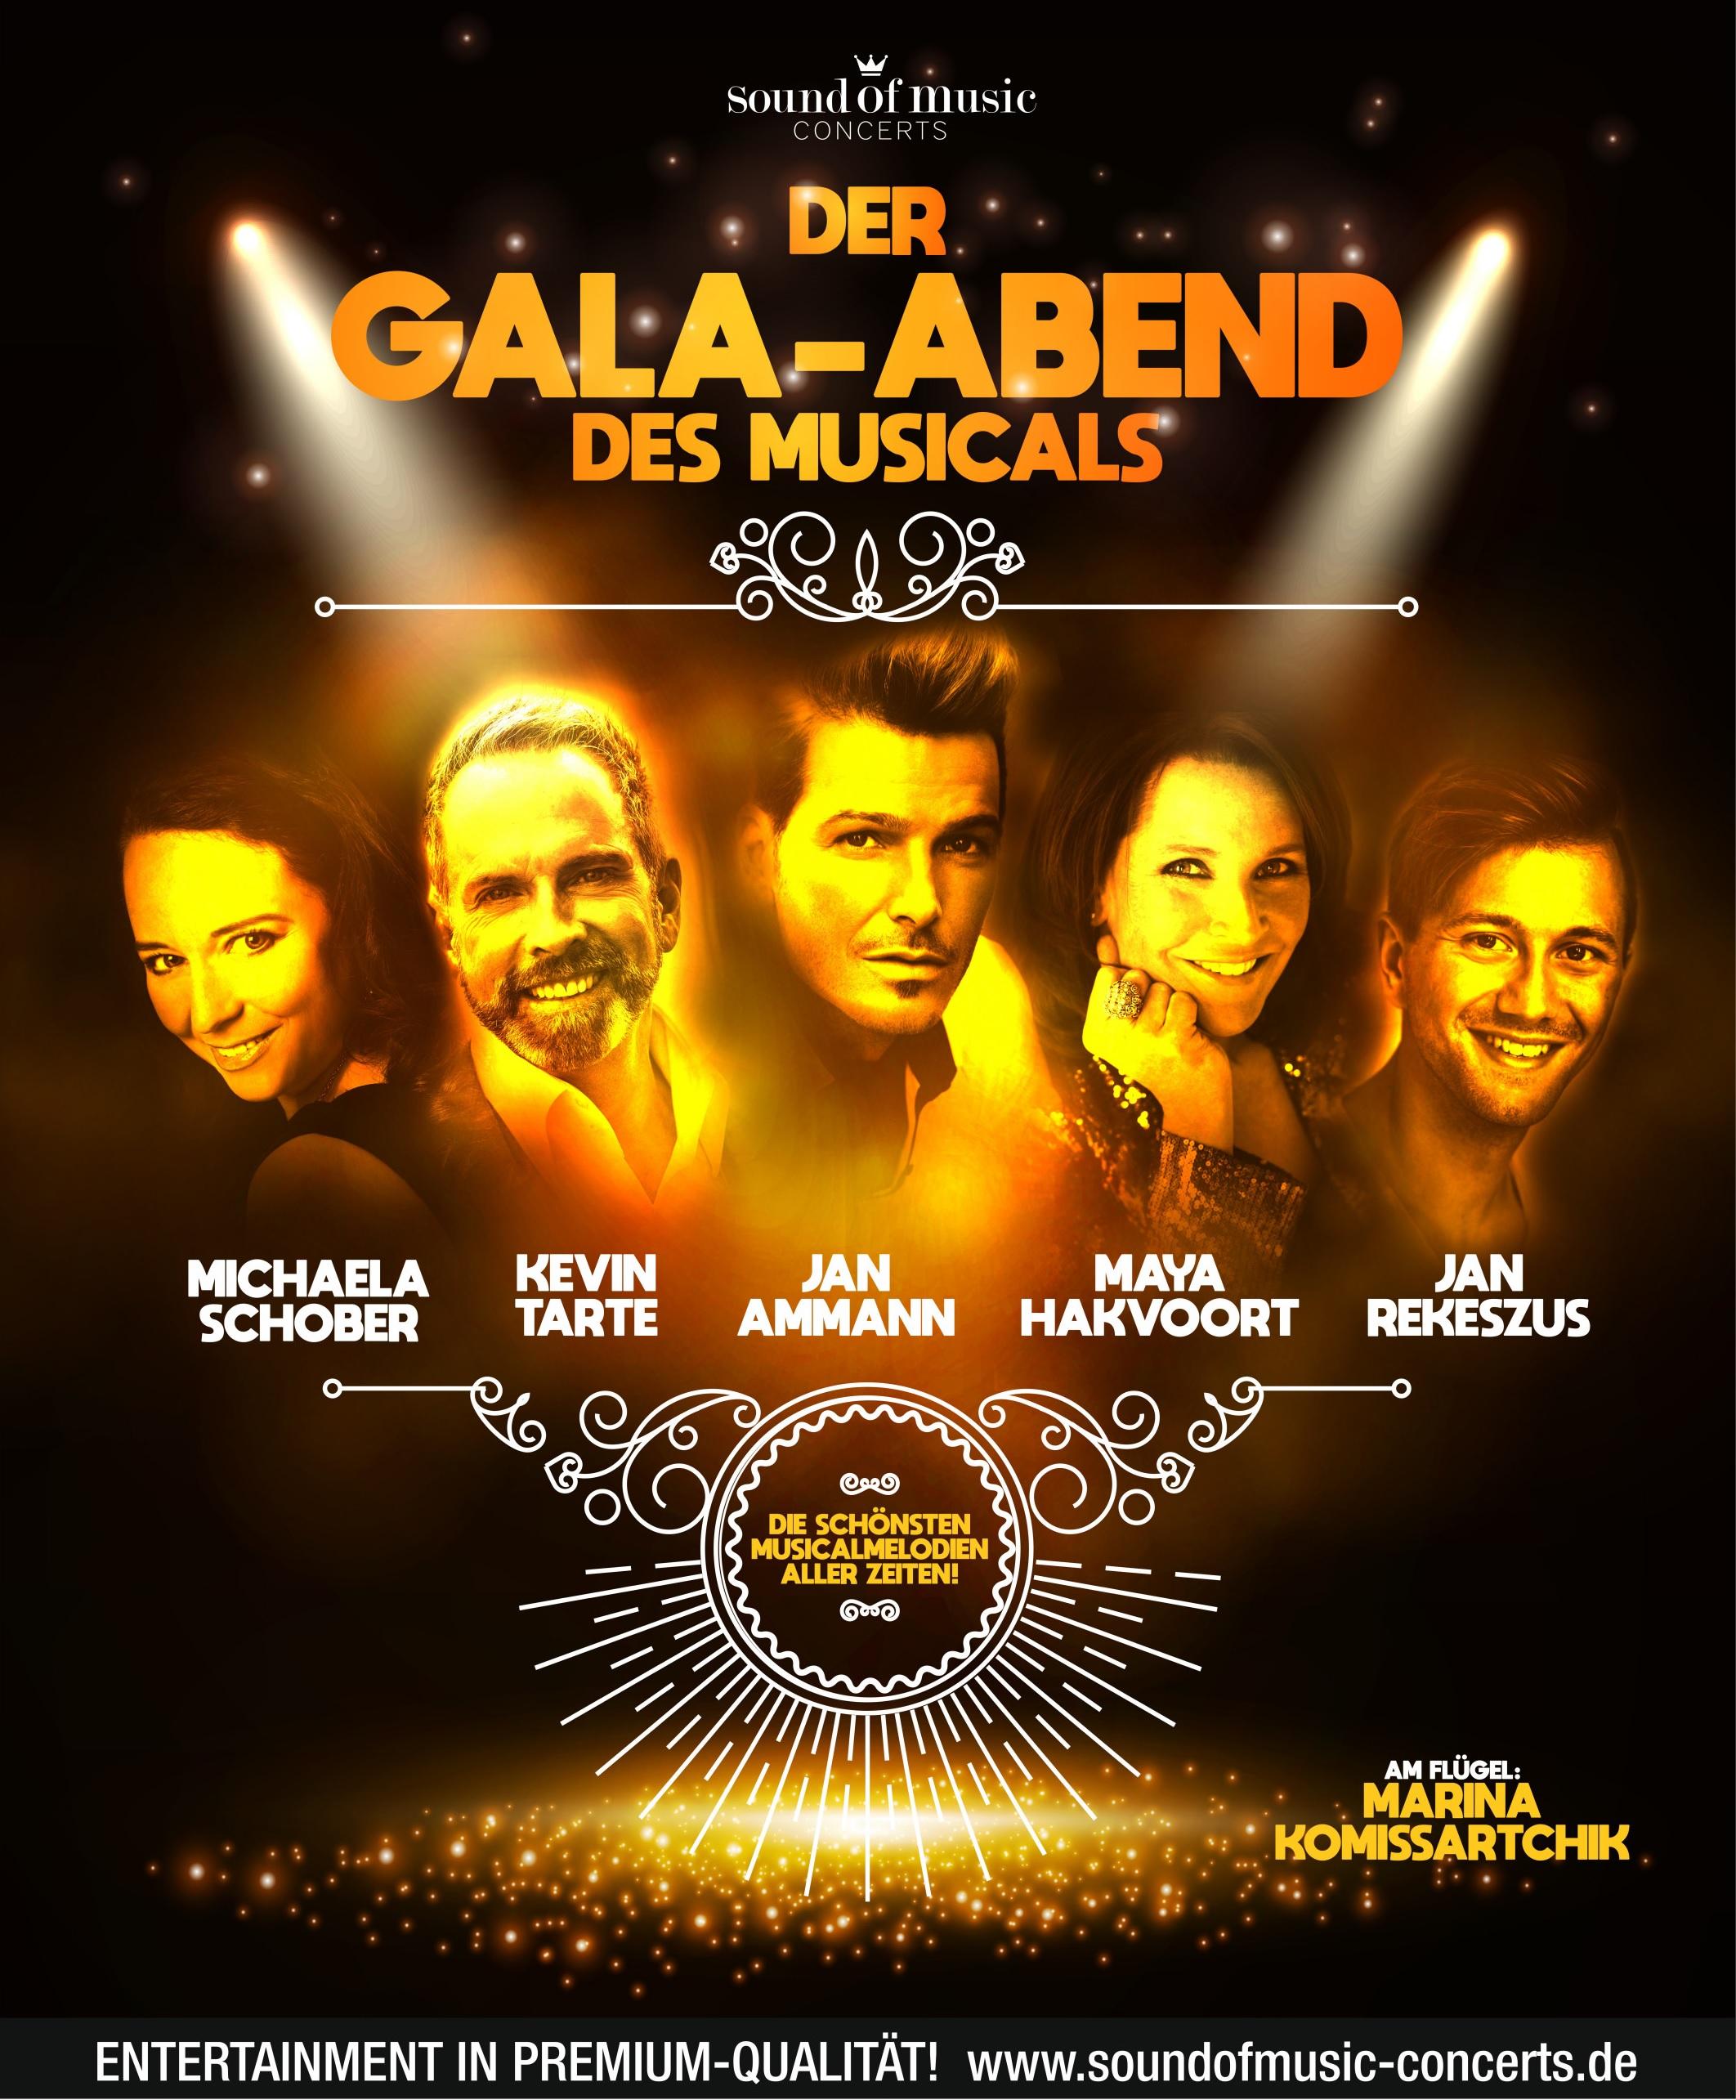 GALA-ABEND DES MUSICALS